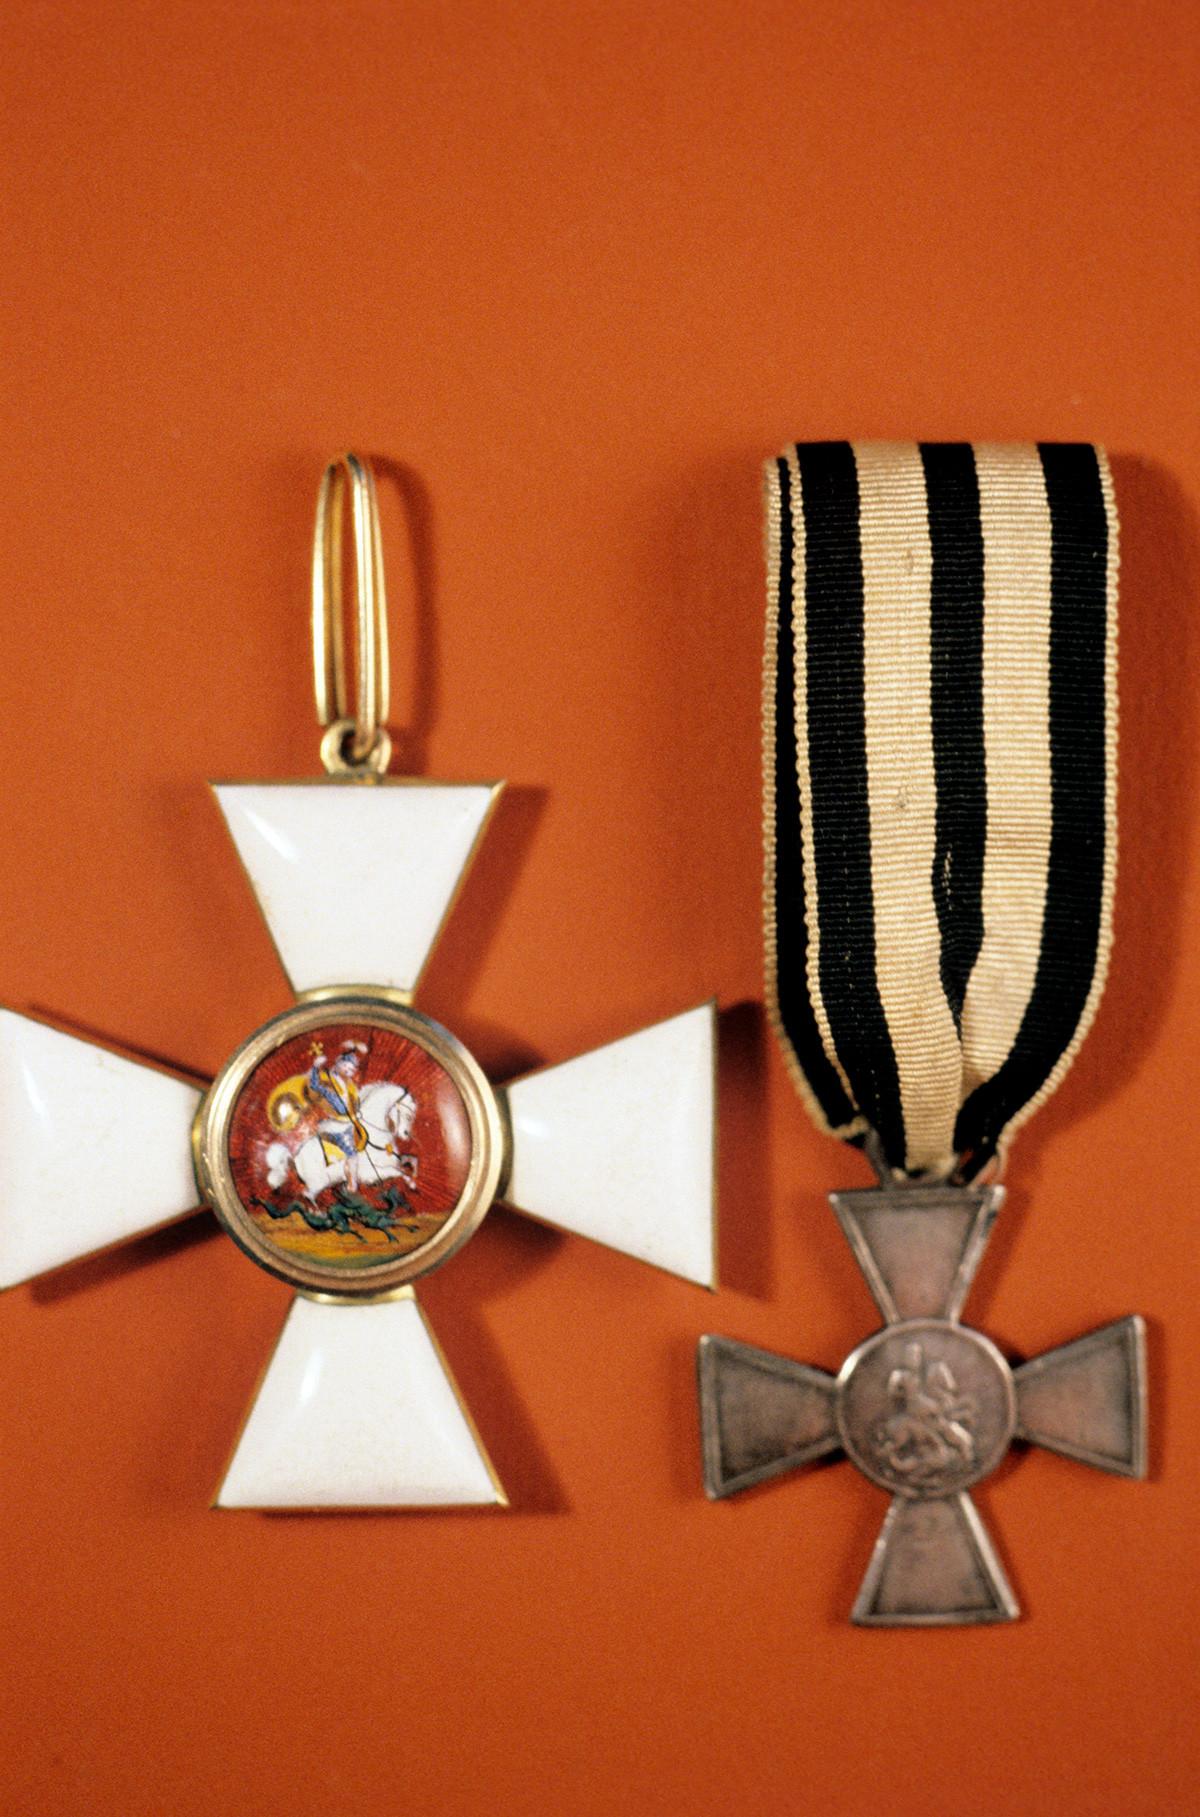 Звездата и кръстът (знакът) на ордена